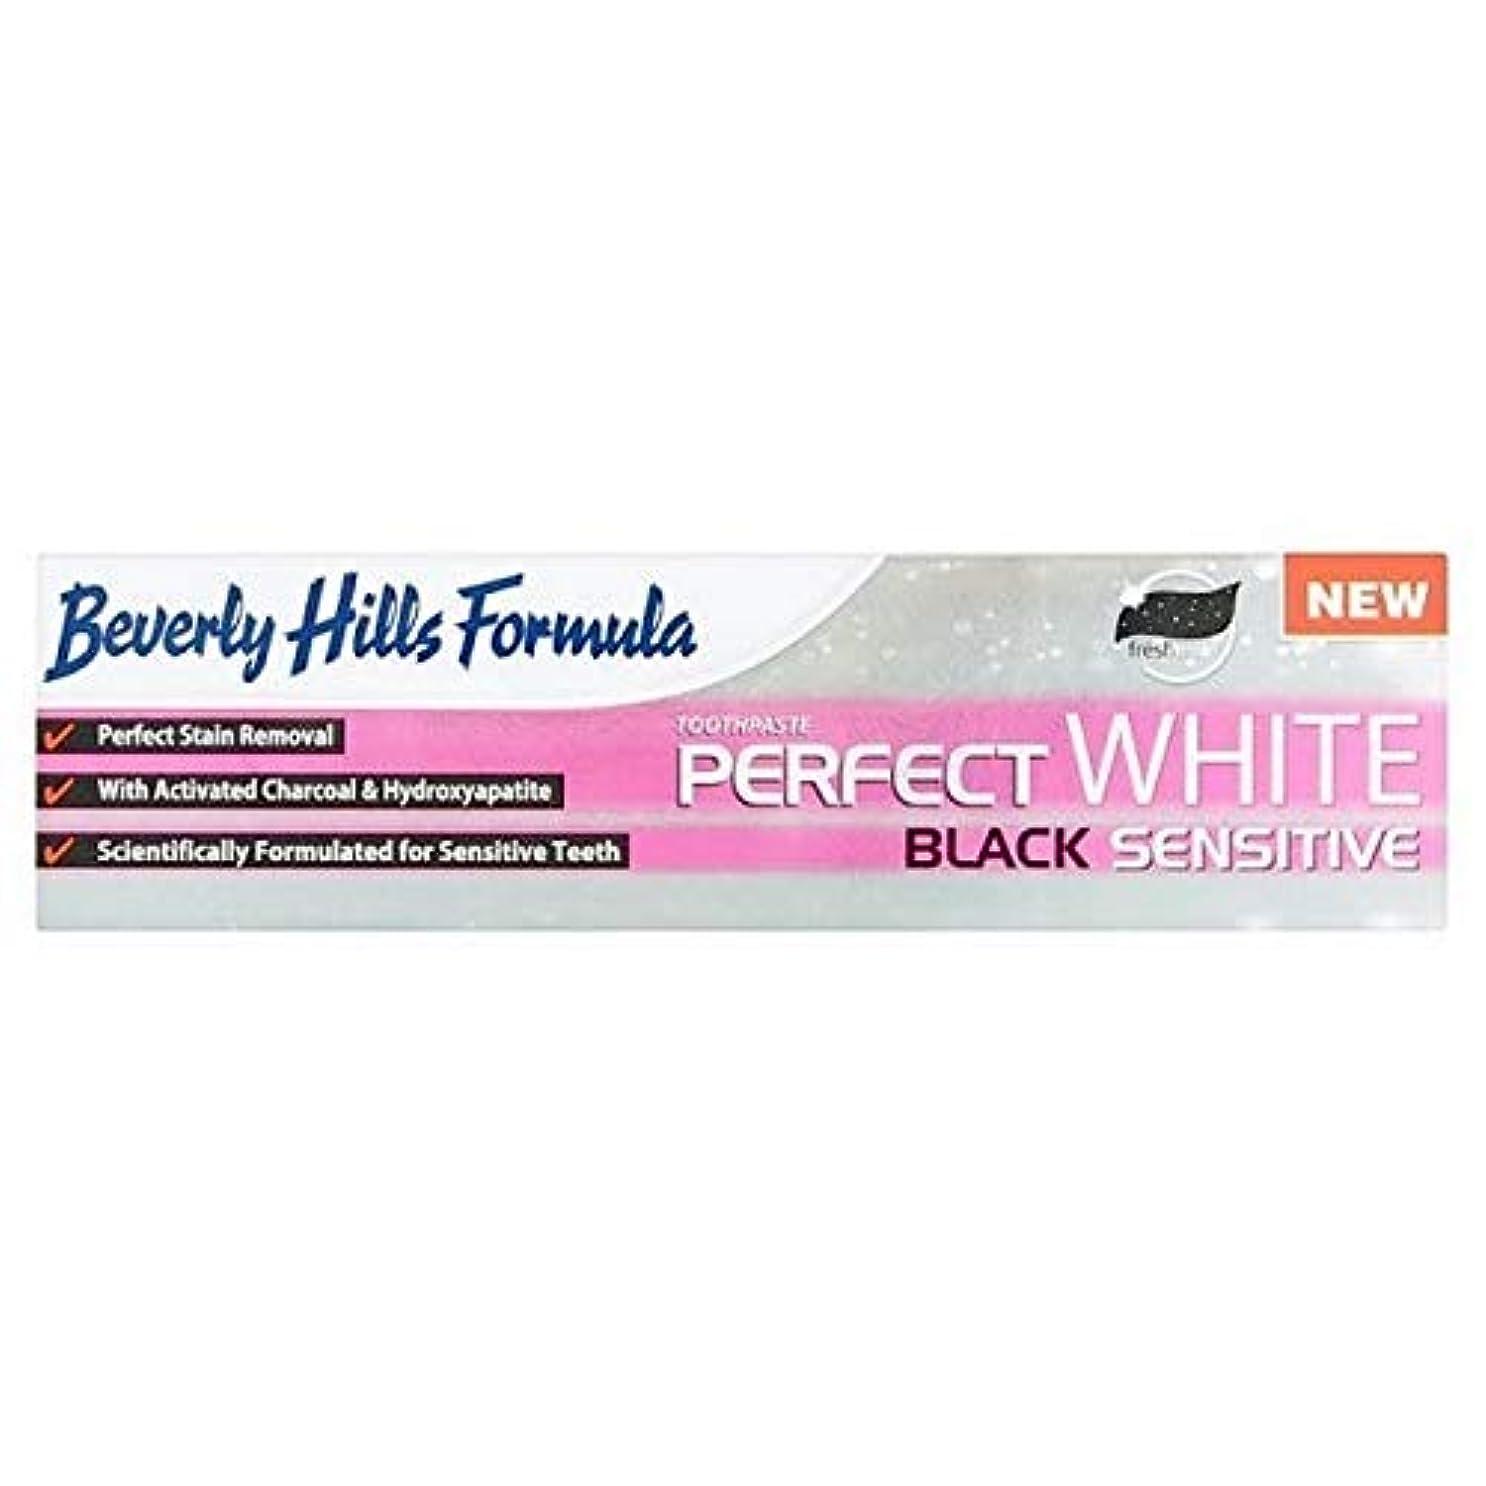 アダルト差別ファンブル[Beverly Hills ] ビバリーヒルズ完璧な白黒敏感な歯磨き粉の100ミリリットル - Beverly Hills Perfect White Black Sensitive Toothpaste 100ml [並行輸入品]